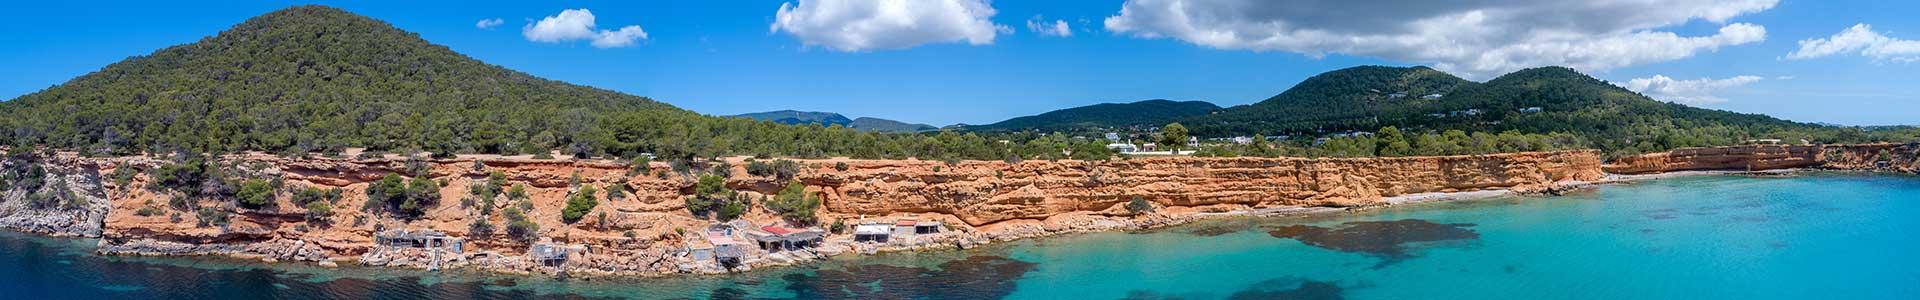 Voyage à Ibiza - TUI